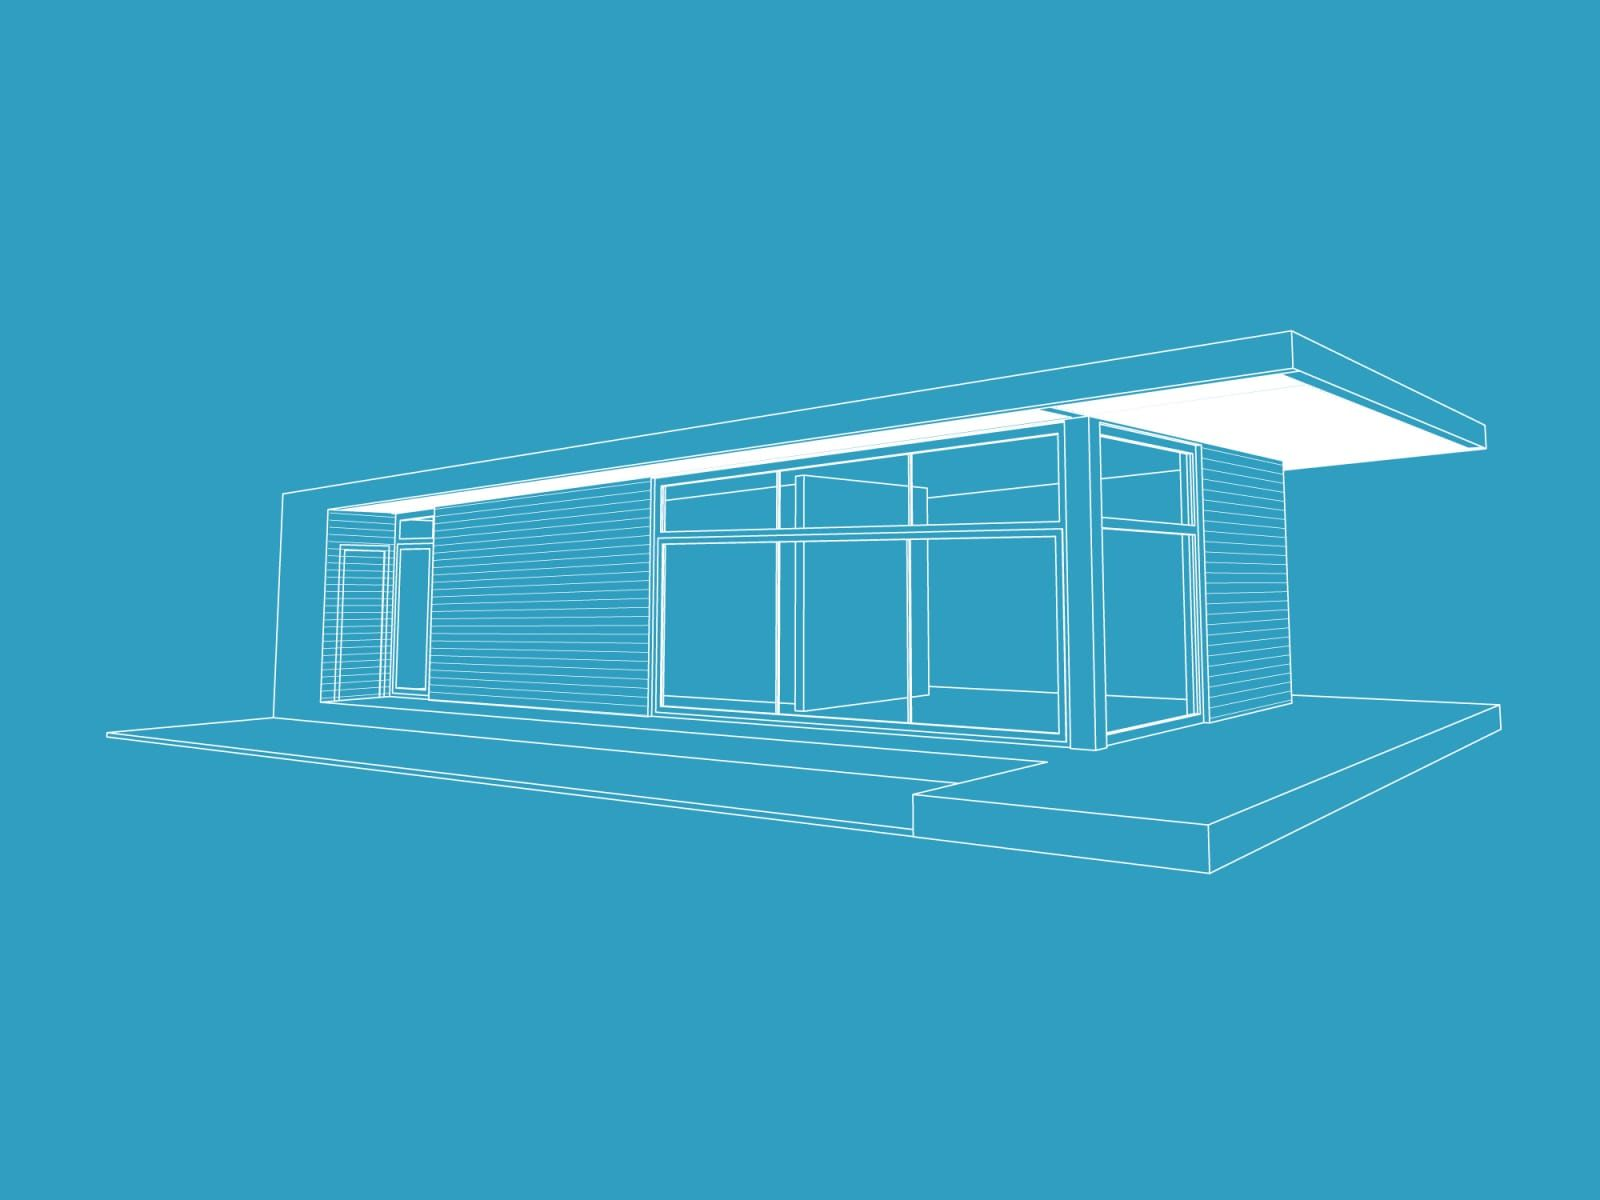 Piu 65 sommerhaus kleinhaus bauen pinterest for Holzhaus kleinhaus